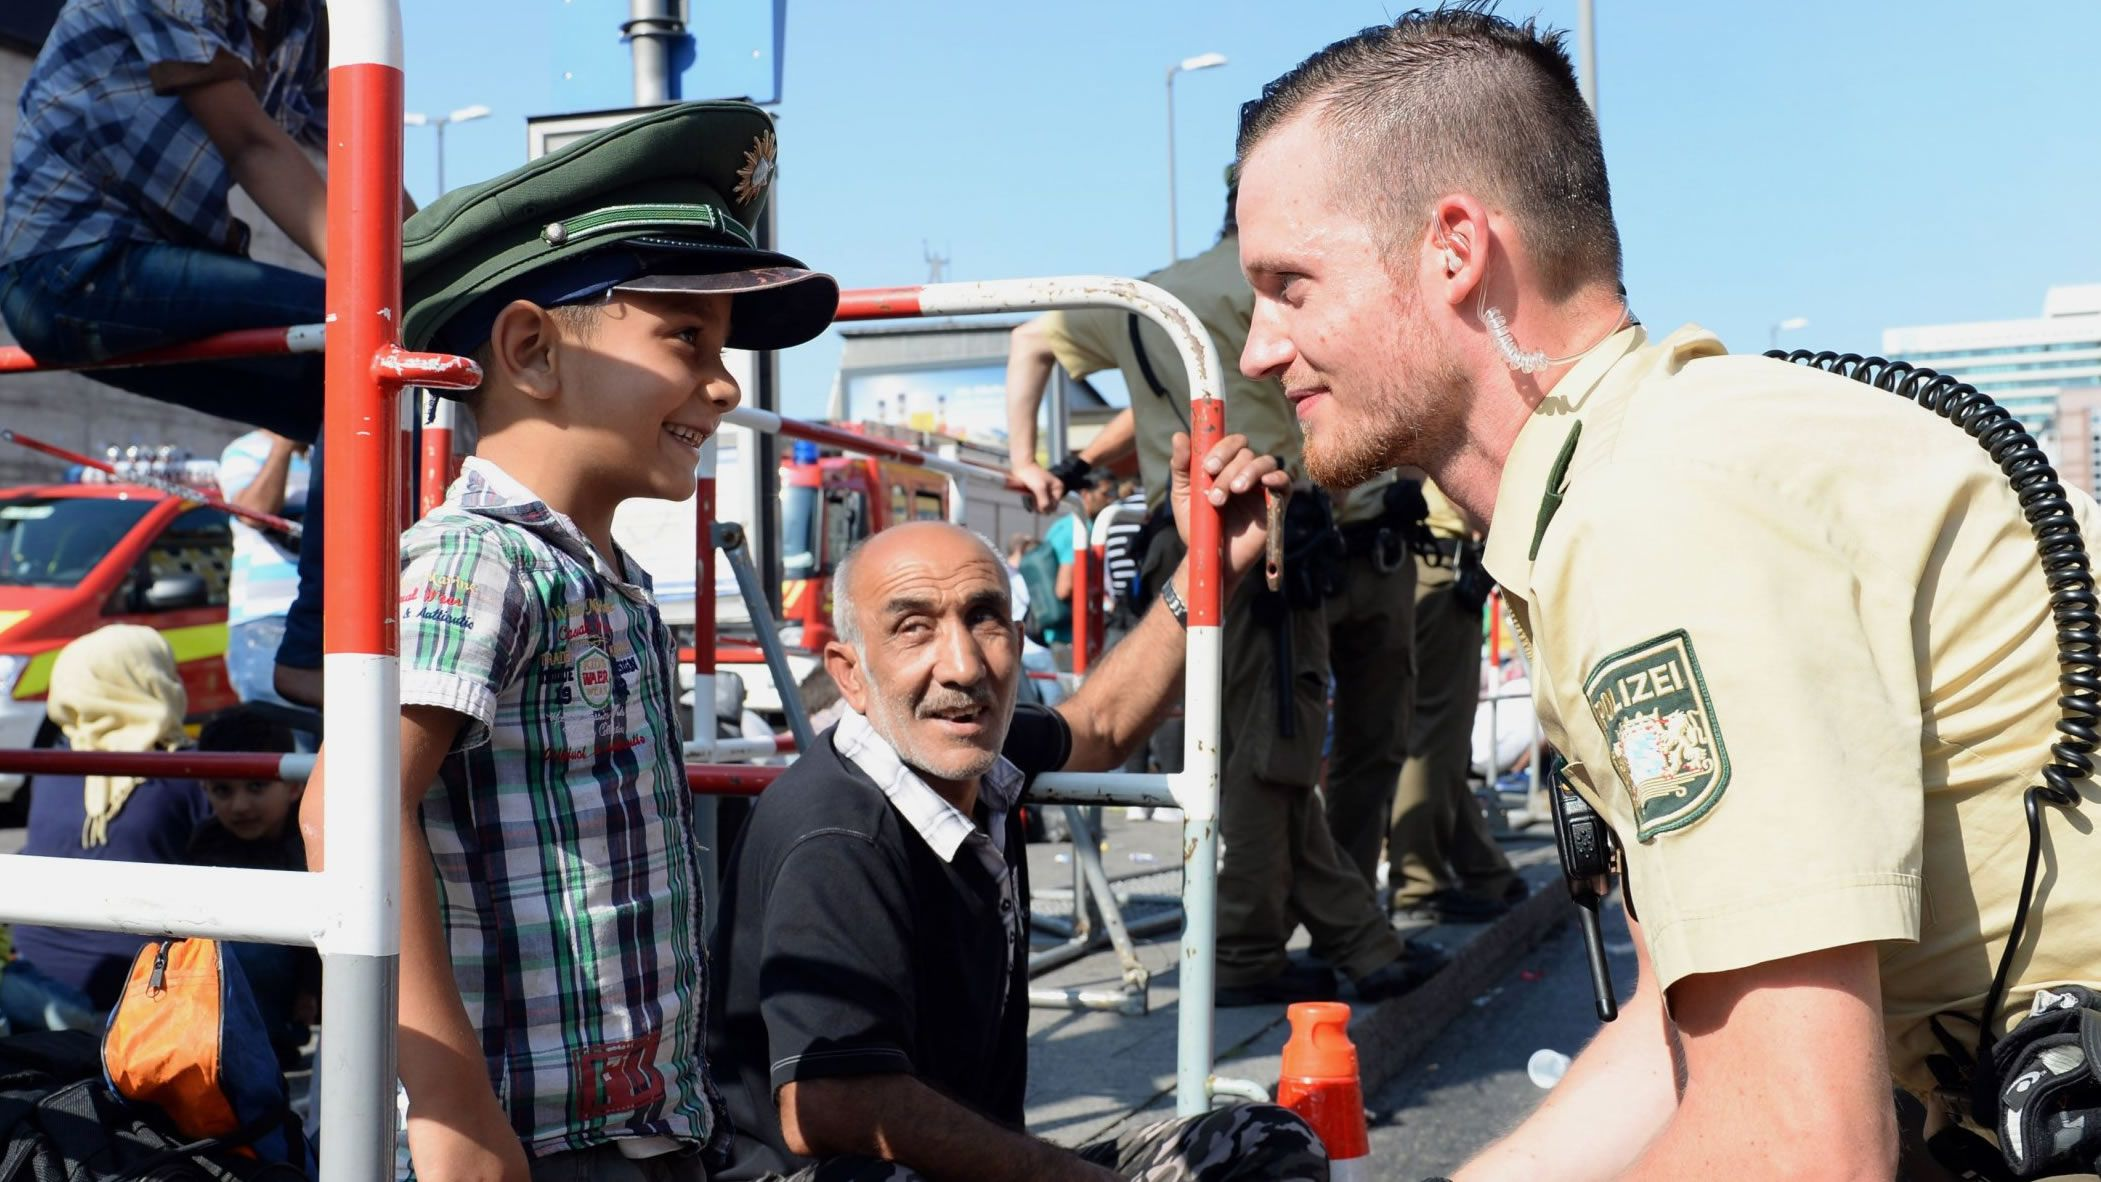 | EFE.Un policía alemán con refugiados sirios en Múnich, en la crisis migratoria del 2015